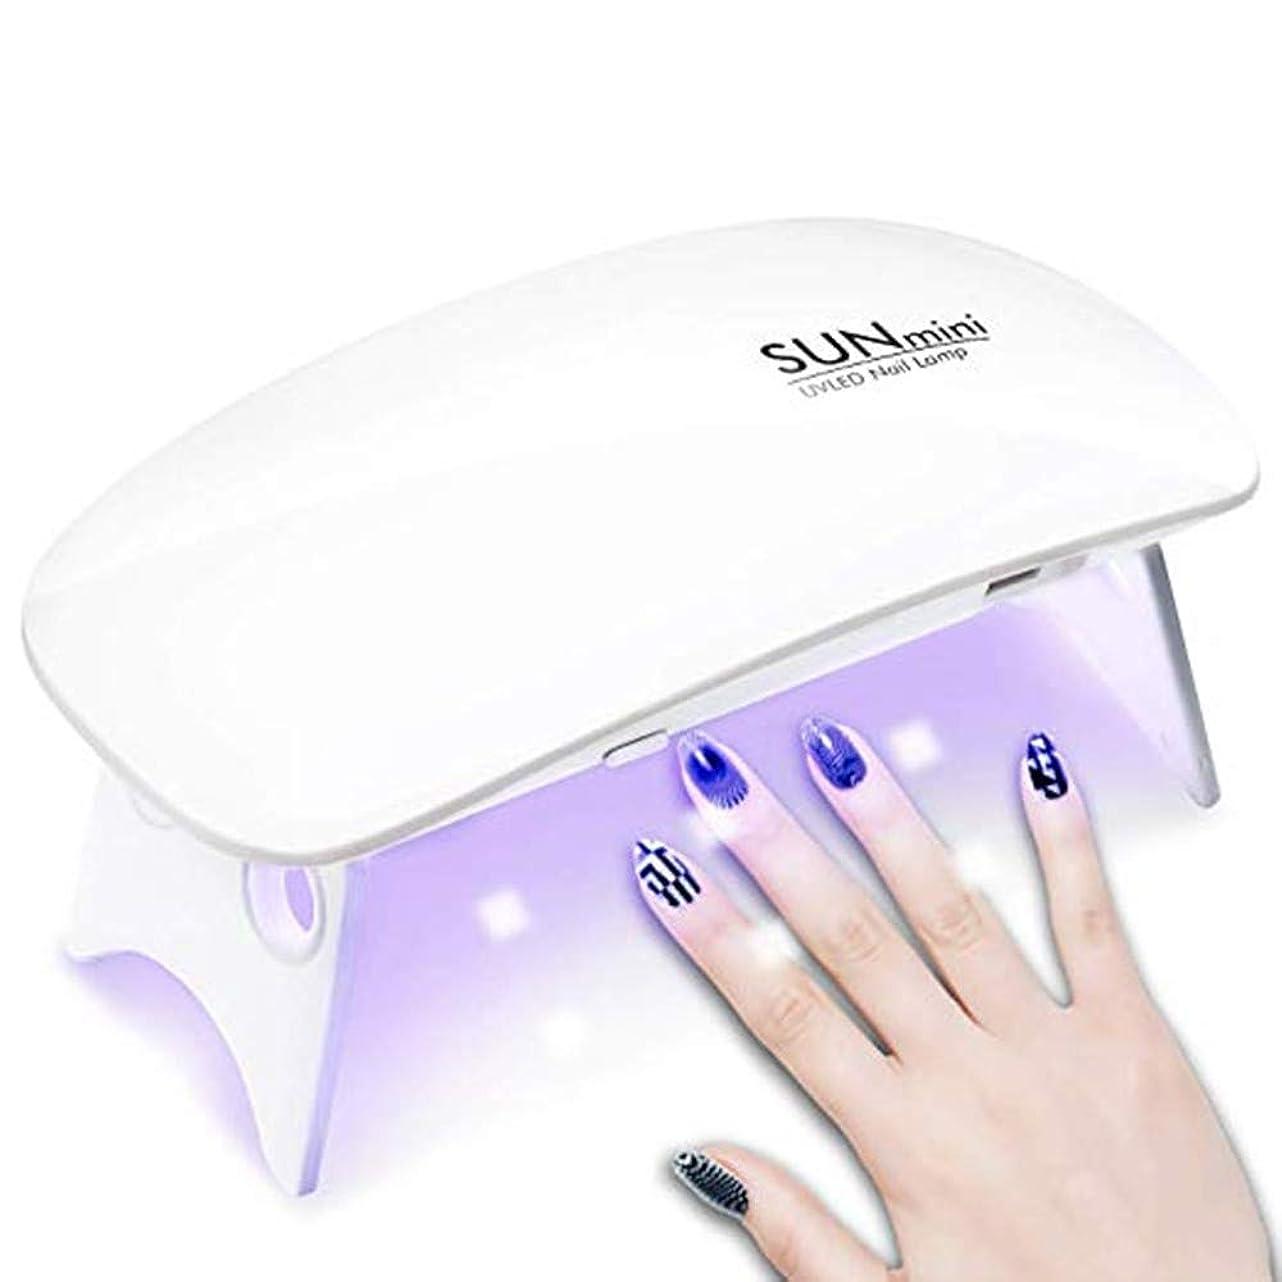 ヘビー見落とすホールLEDネイルドライヤー UVライト 折りたたみ式 設定可能 タイマー ジェルネイル LED 硬化ライト UV と LEDダブルライト ジェルネイル用 ホワイト